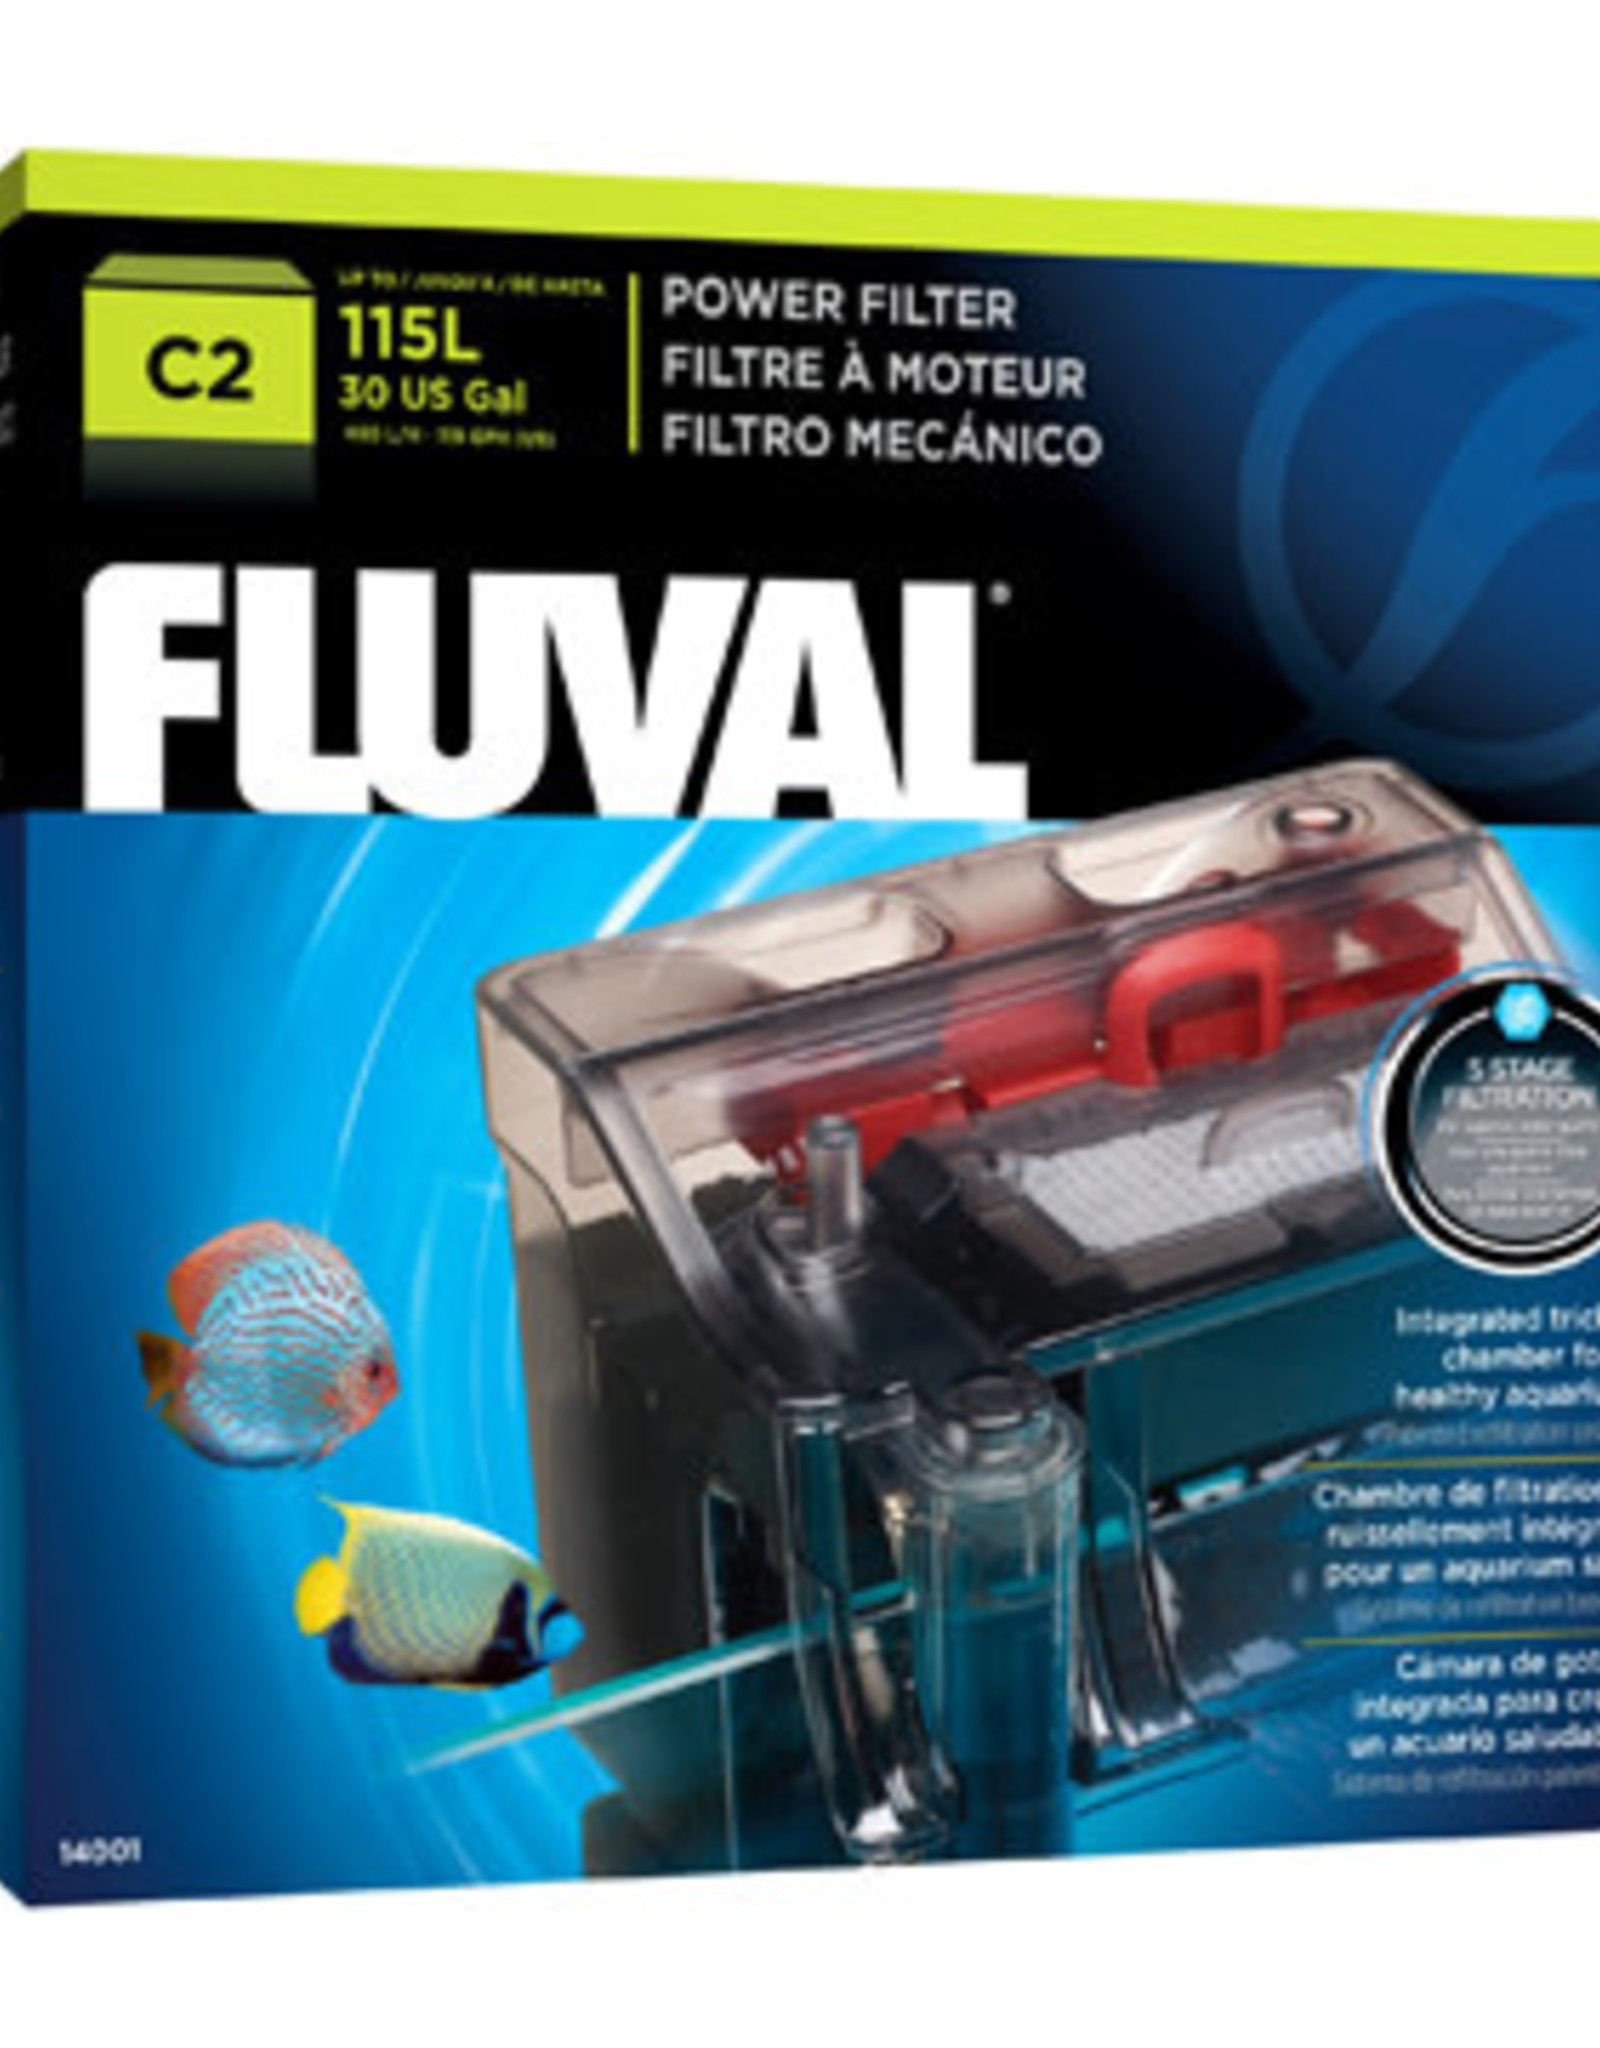 Fluval Fluval C2 Power Filter